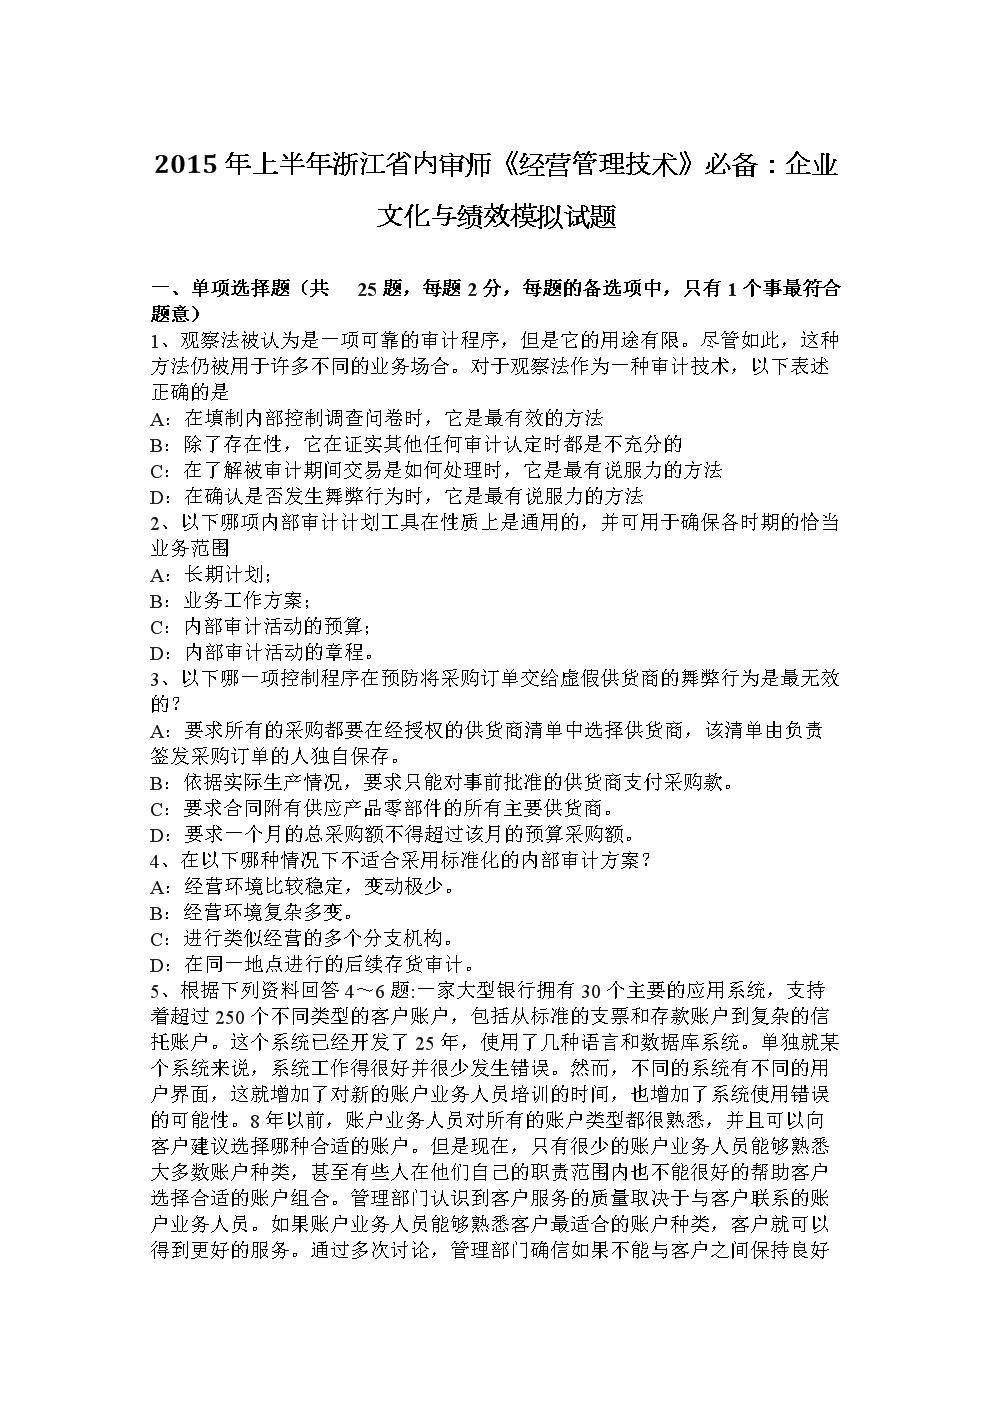 2015年上半年浙江省内审师《经营管理技术》必备企业文化与绩效模拟练习题.docx